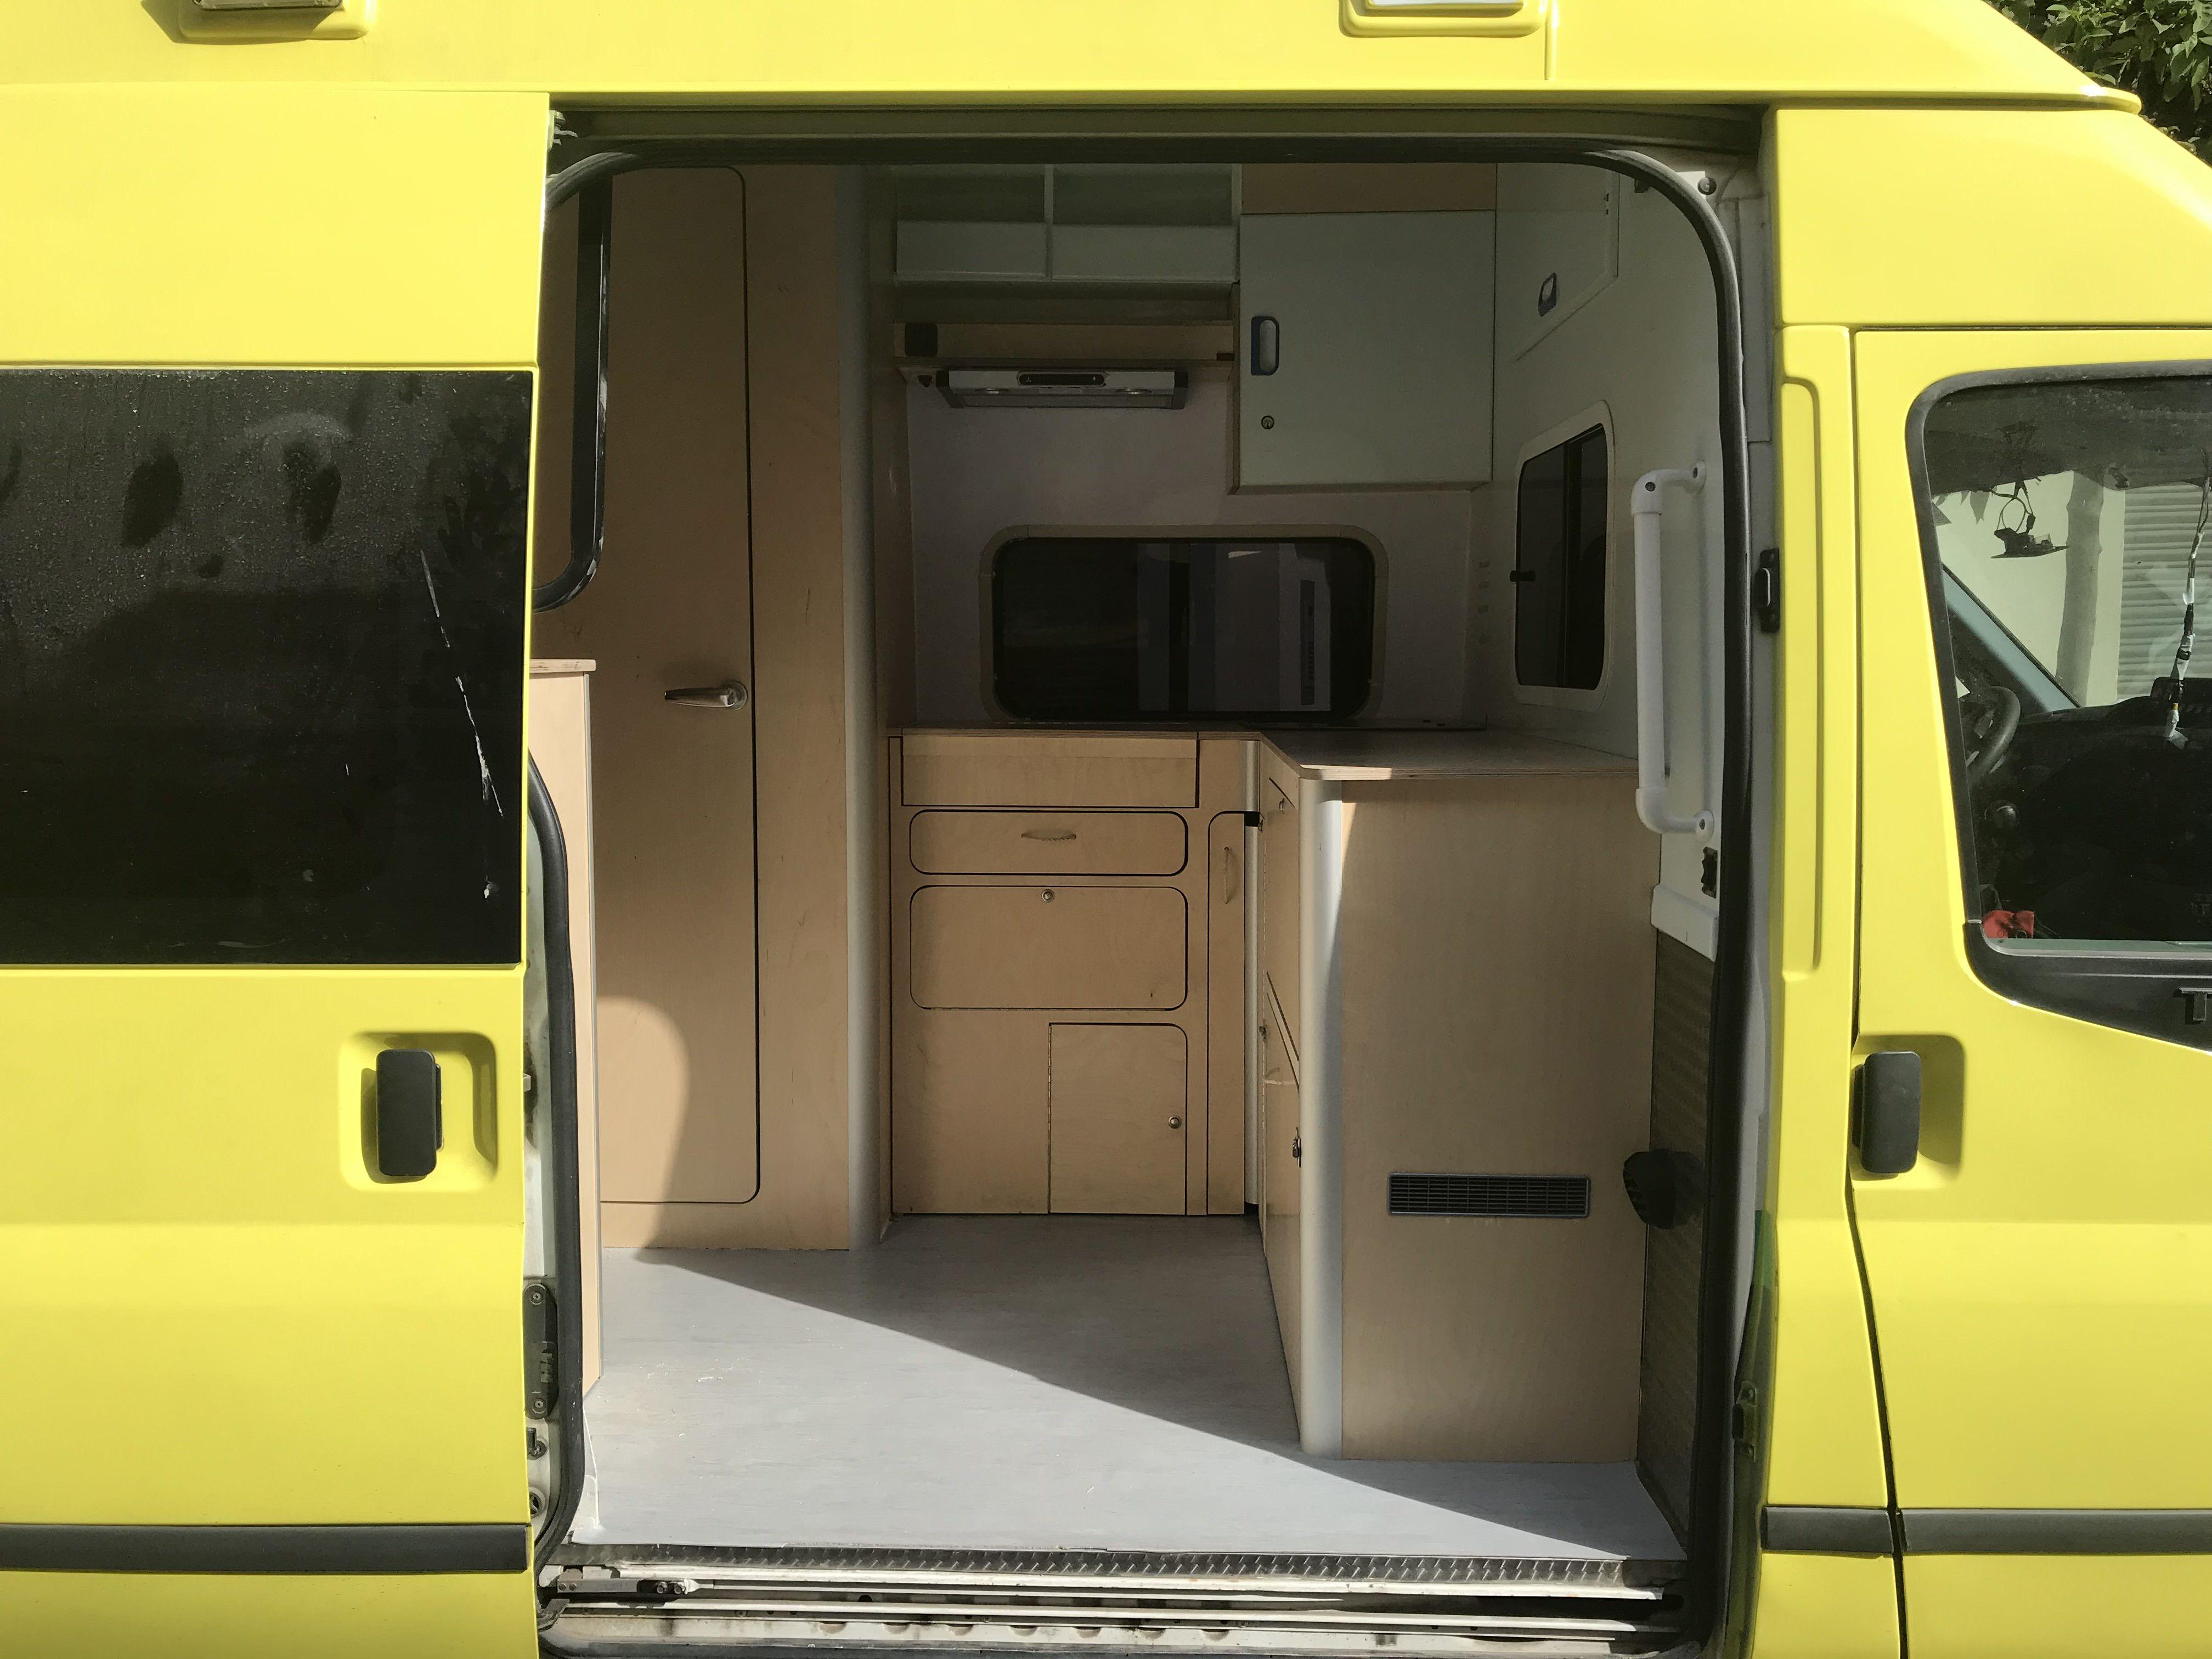 Foto 3 de Empresa dedicada a la camperización de furgonetas en València | CamperValencia